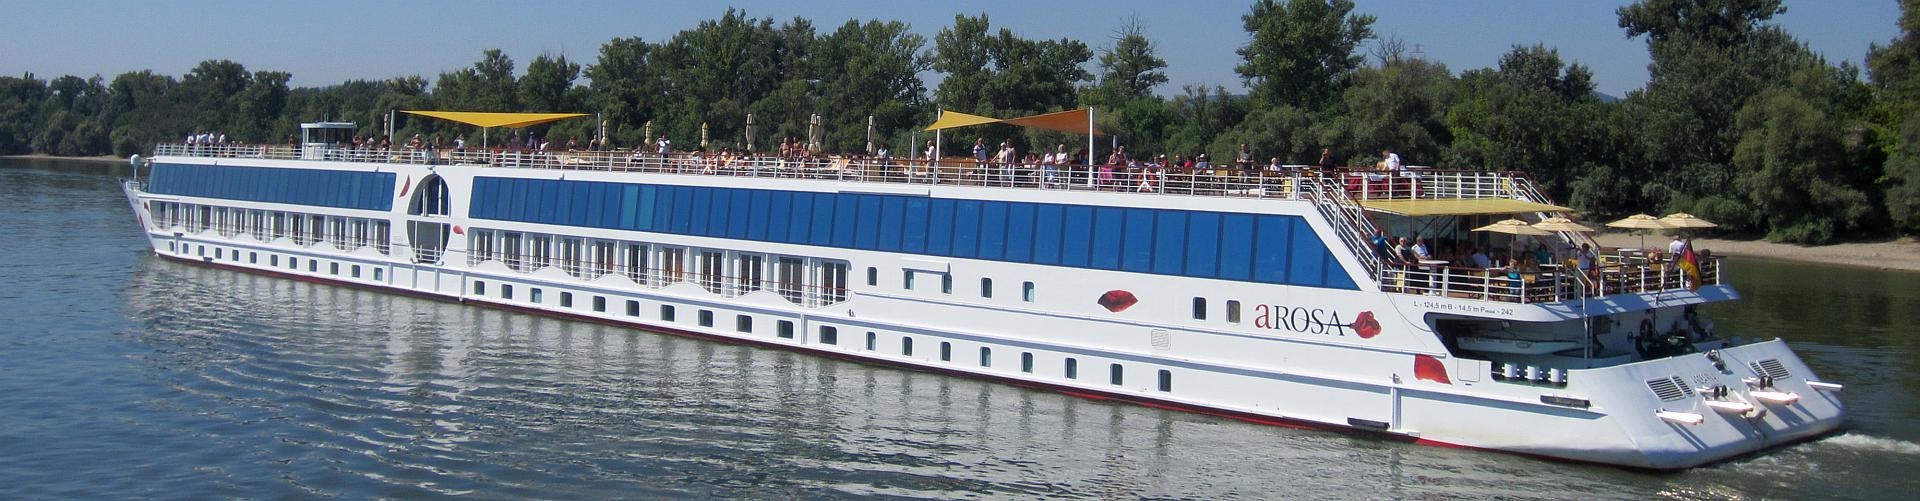 AROSA Stella auf der Rhône